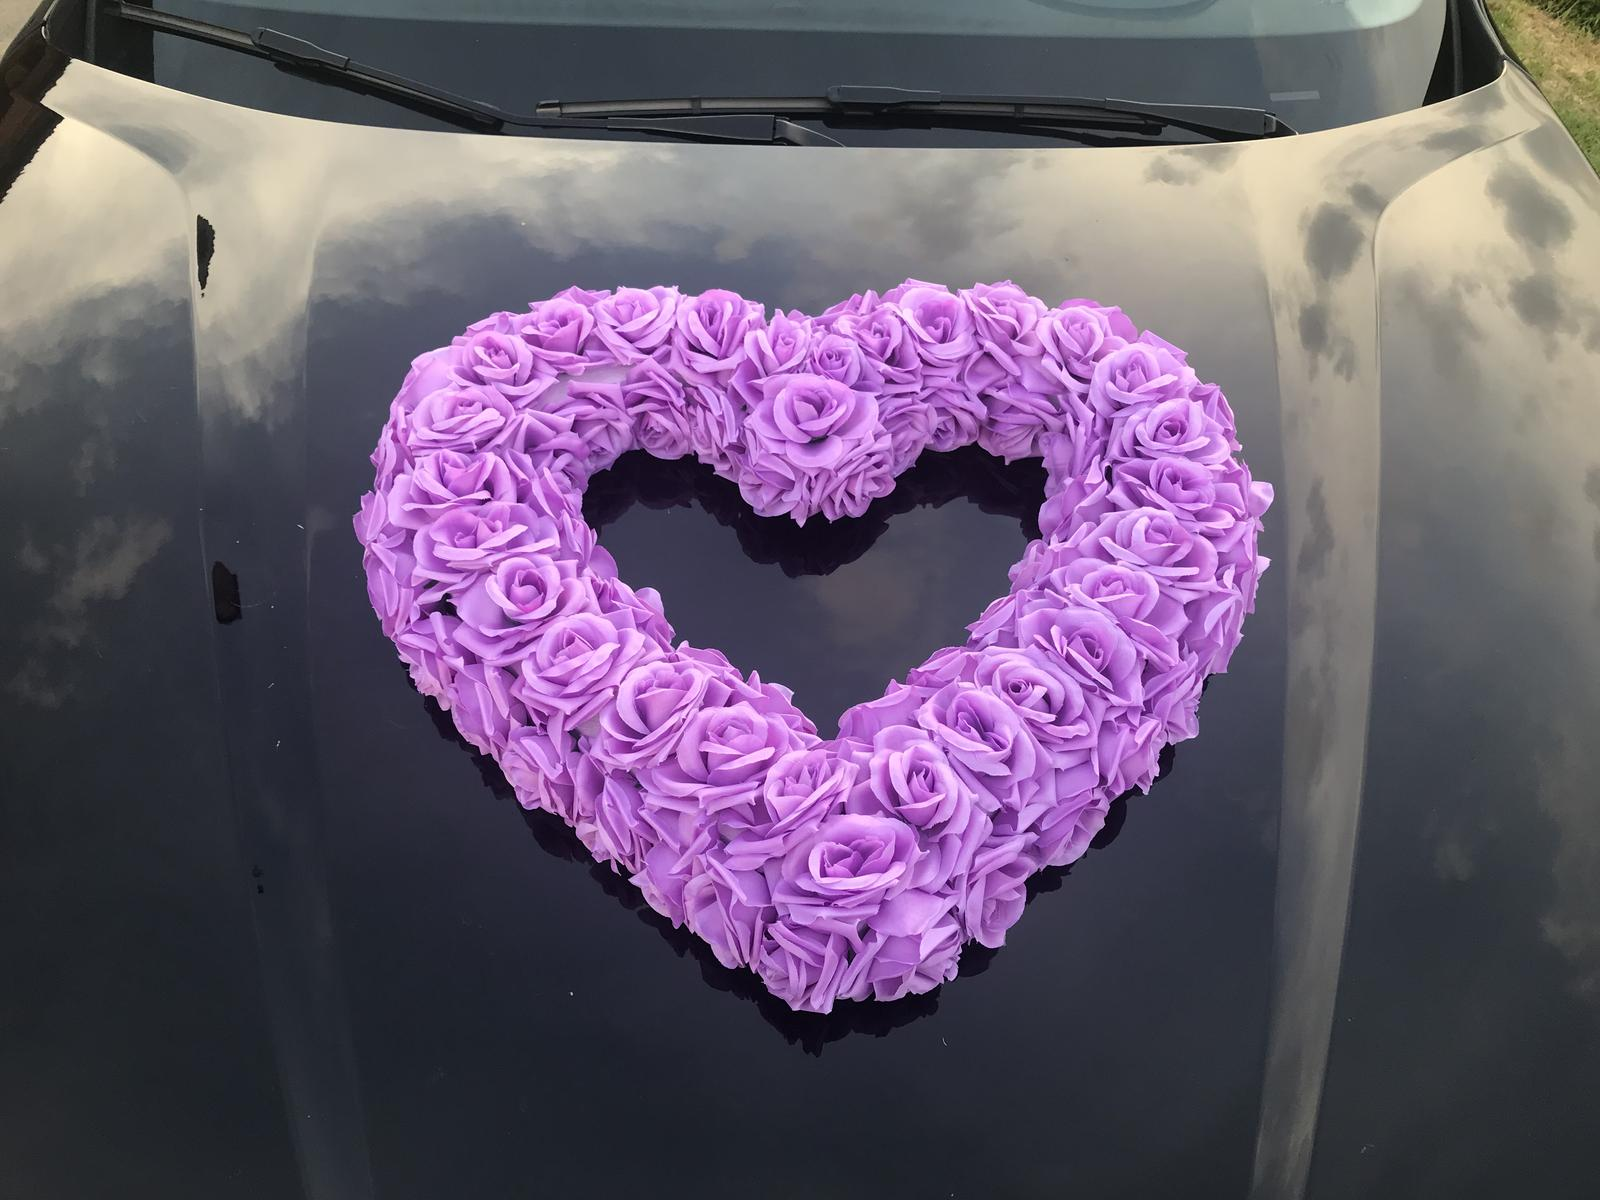 Svadobná dekorácia na auto srdce na prenájom - Obrázok č. 1